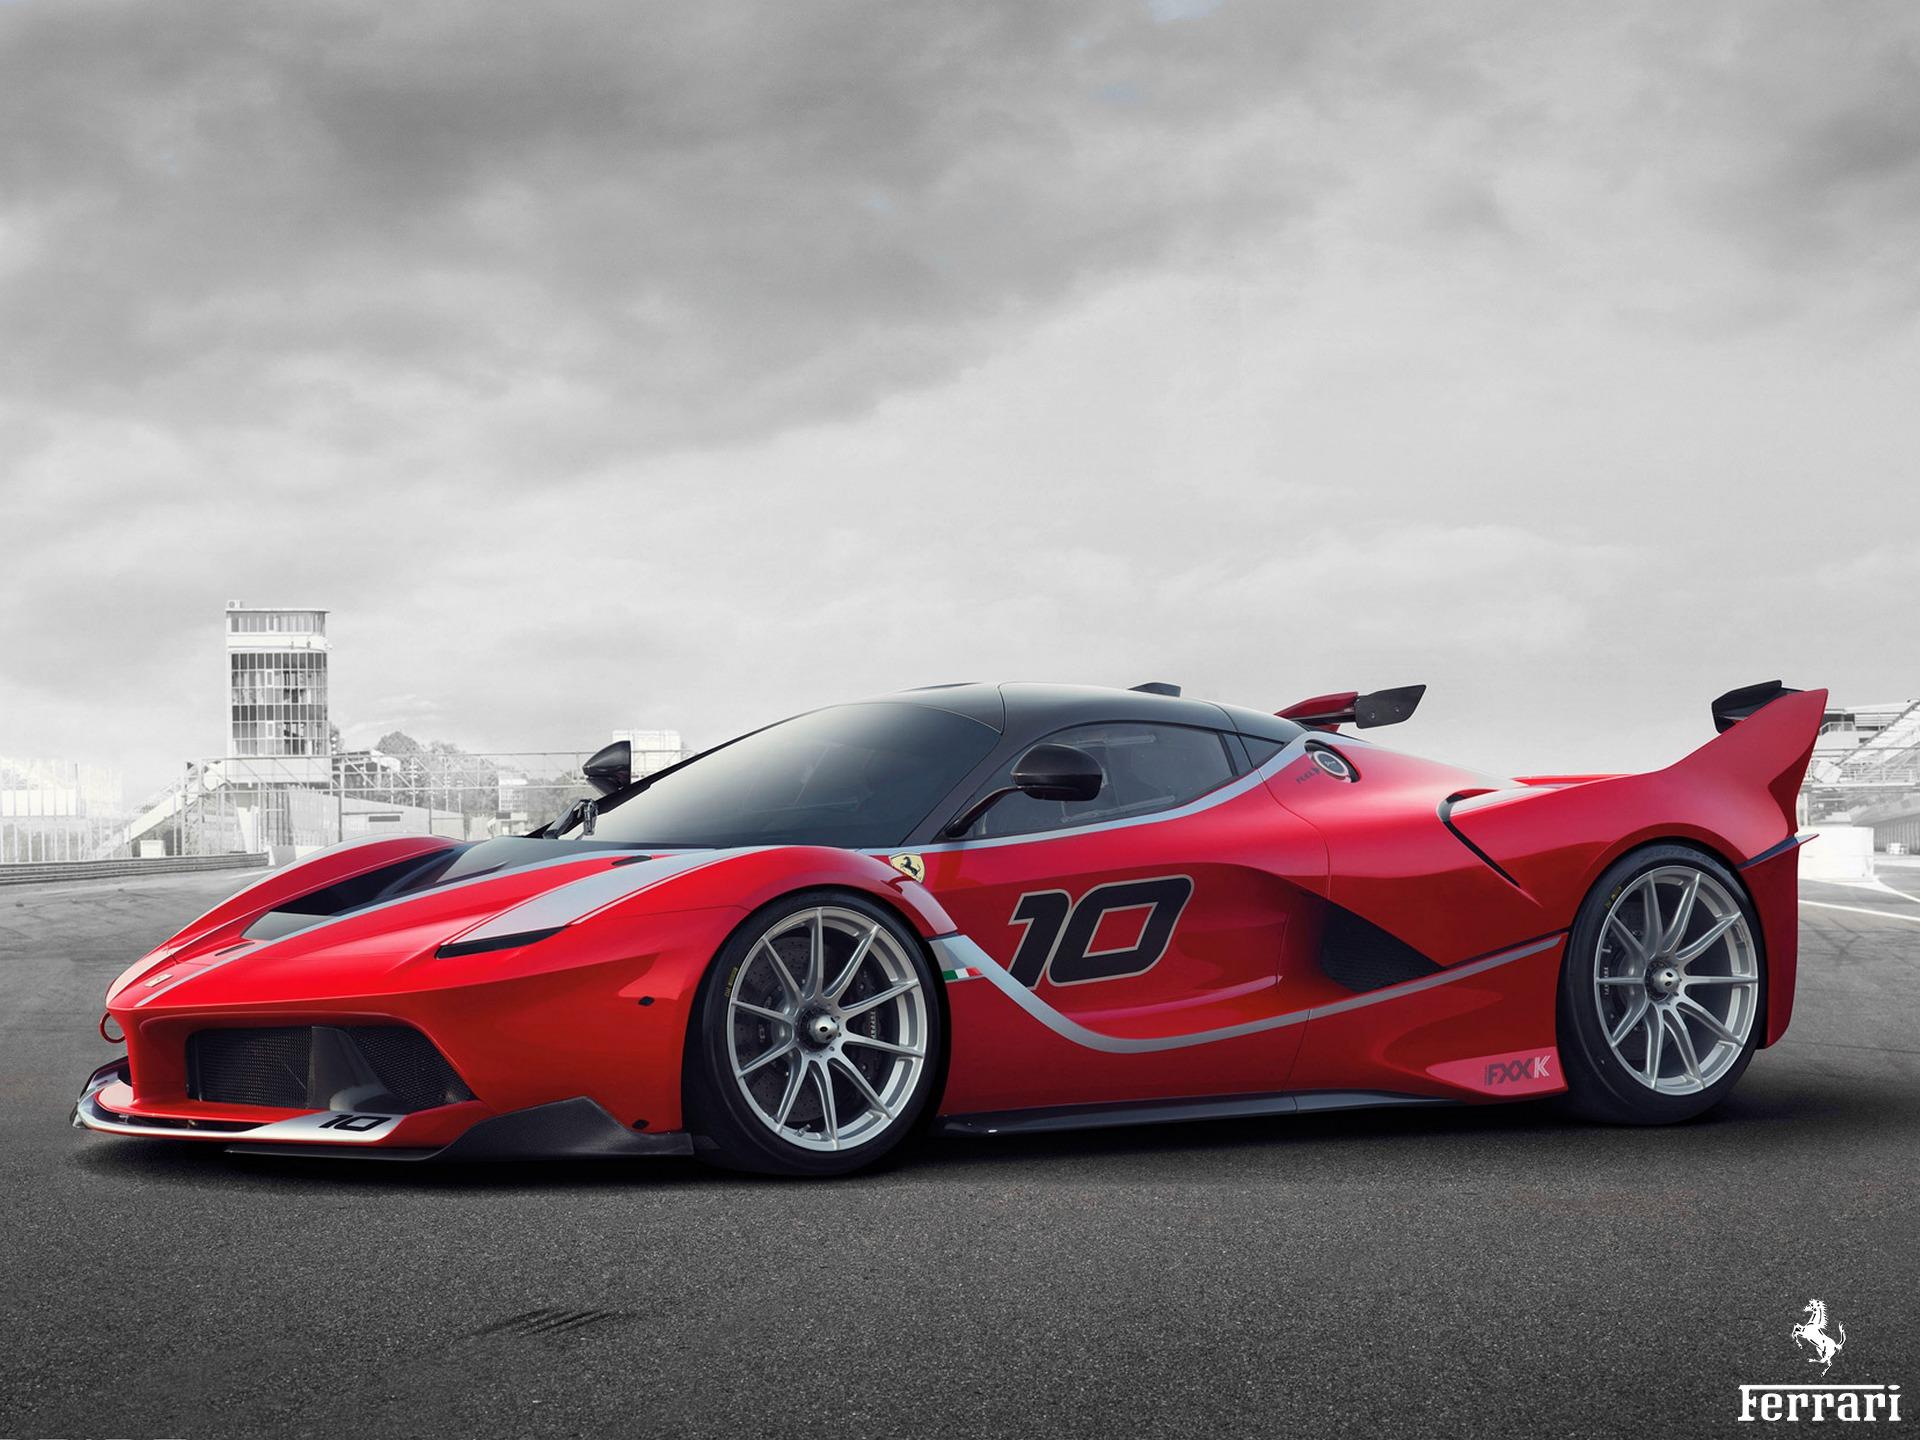 Ferrari fxx k 2015 fond ecran inspirats for Fond ecran hd pc 2016